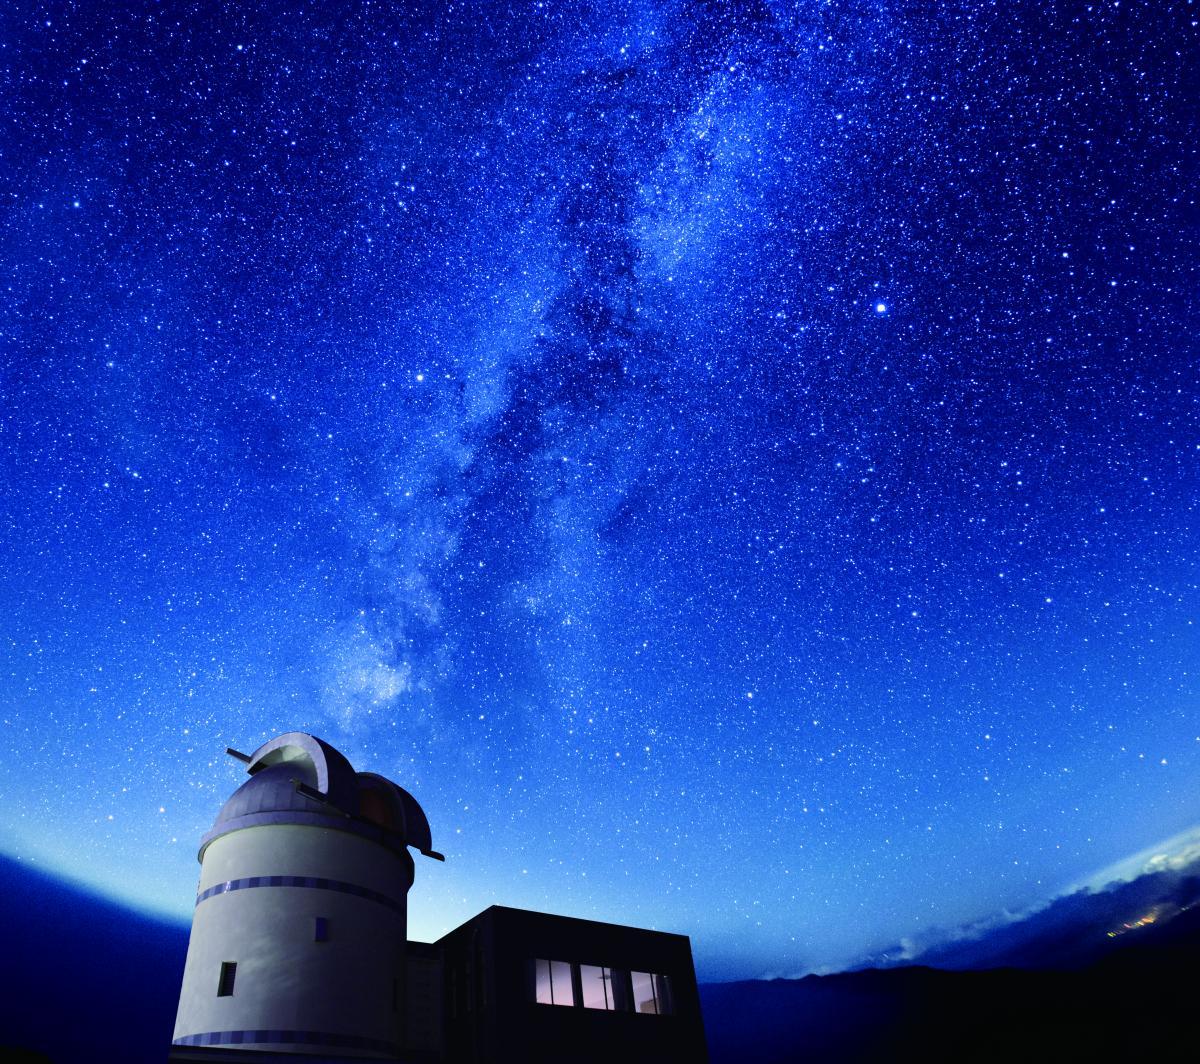 「たちばな天文台」の画像検索結果